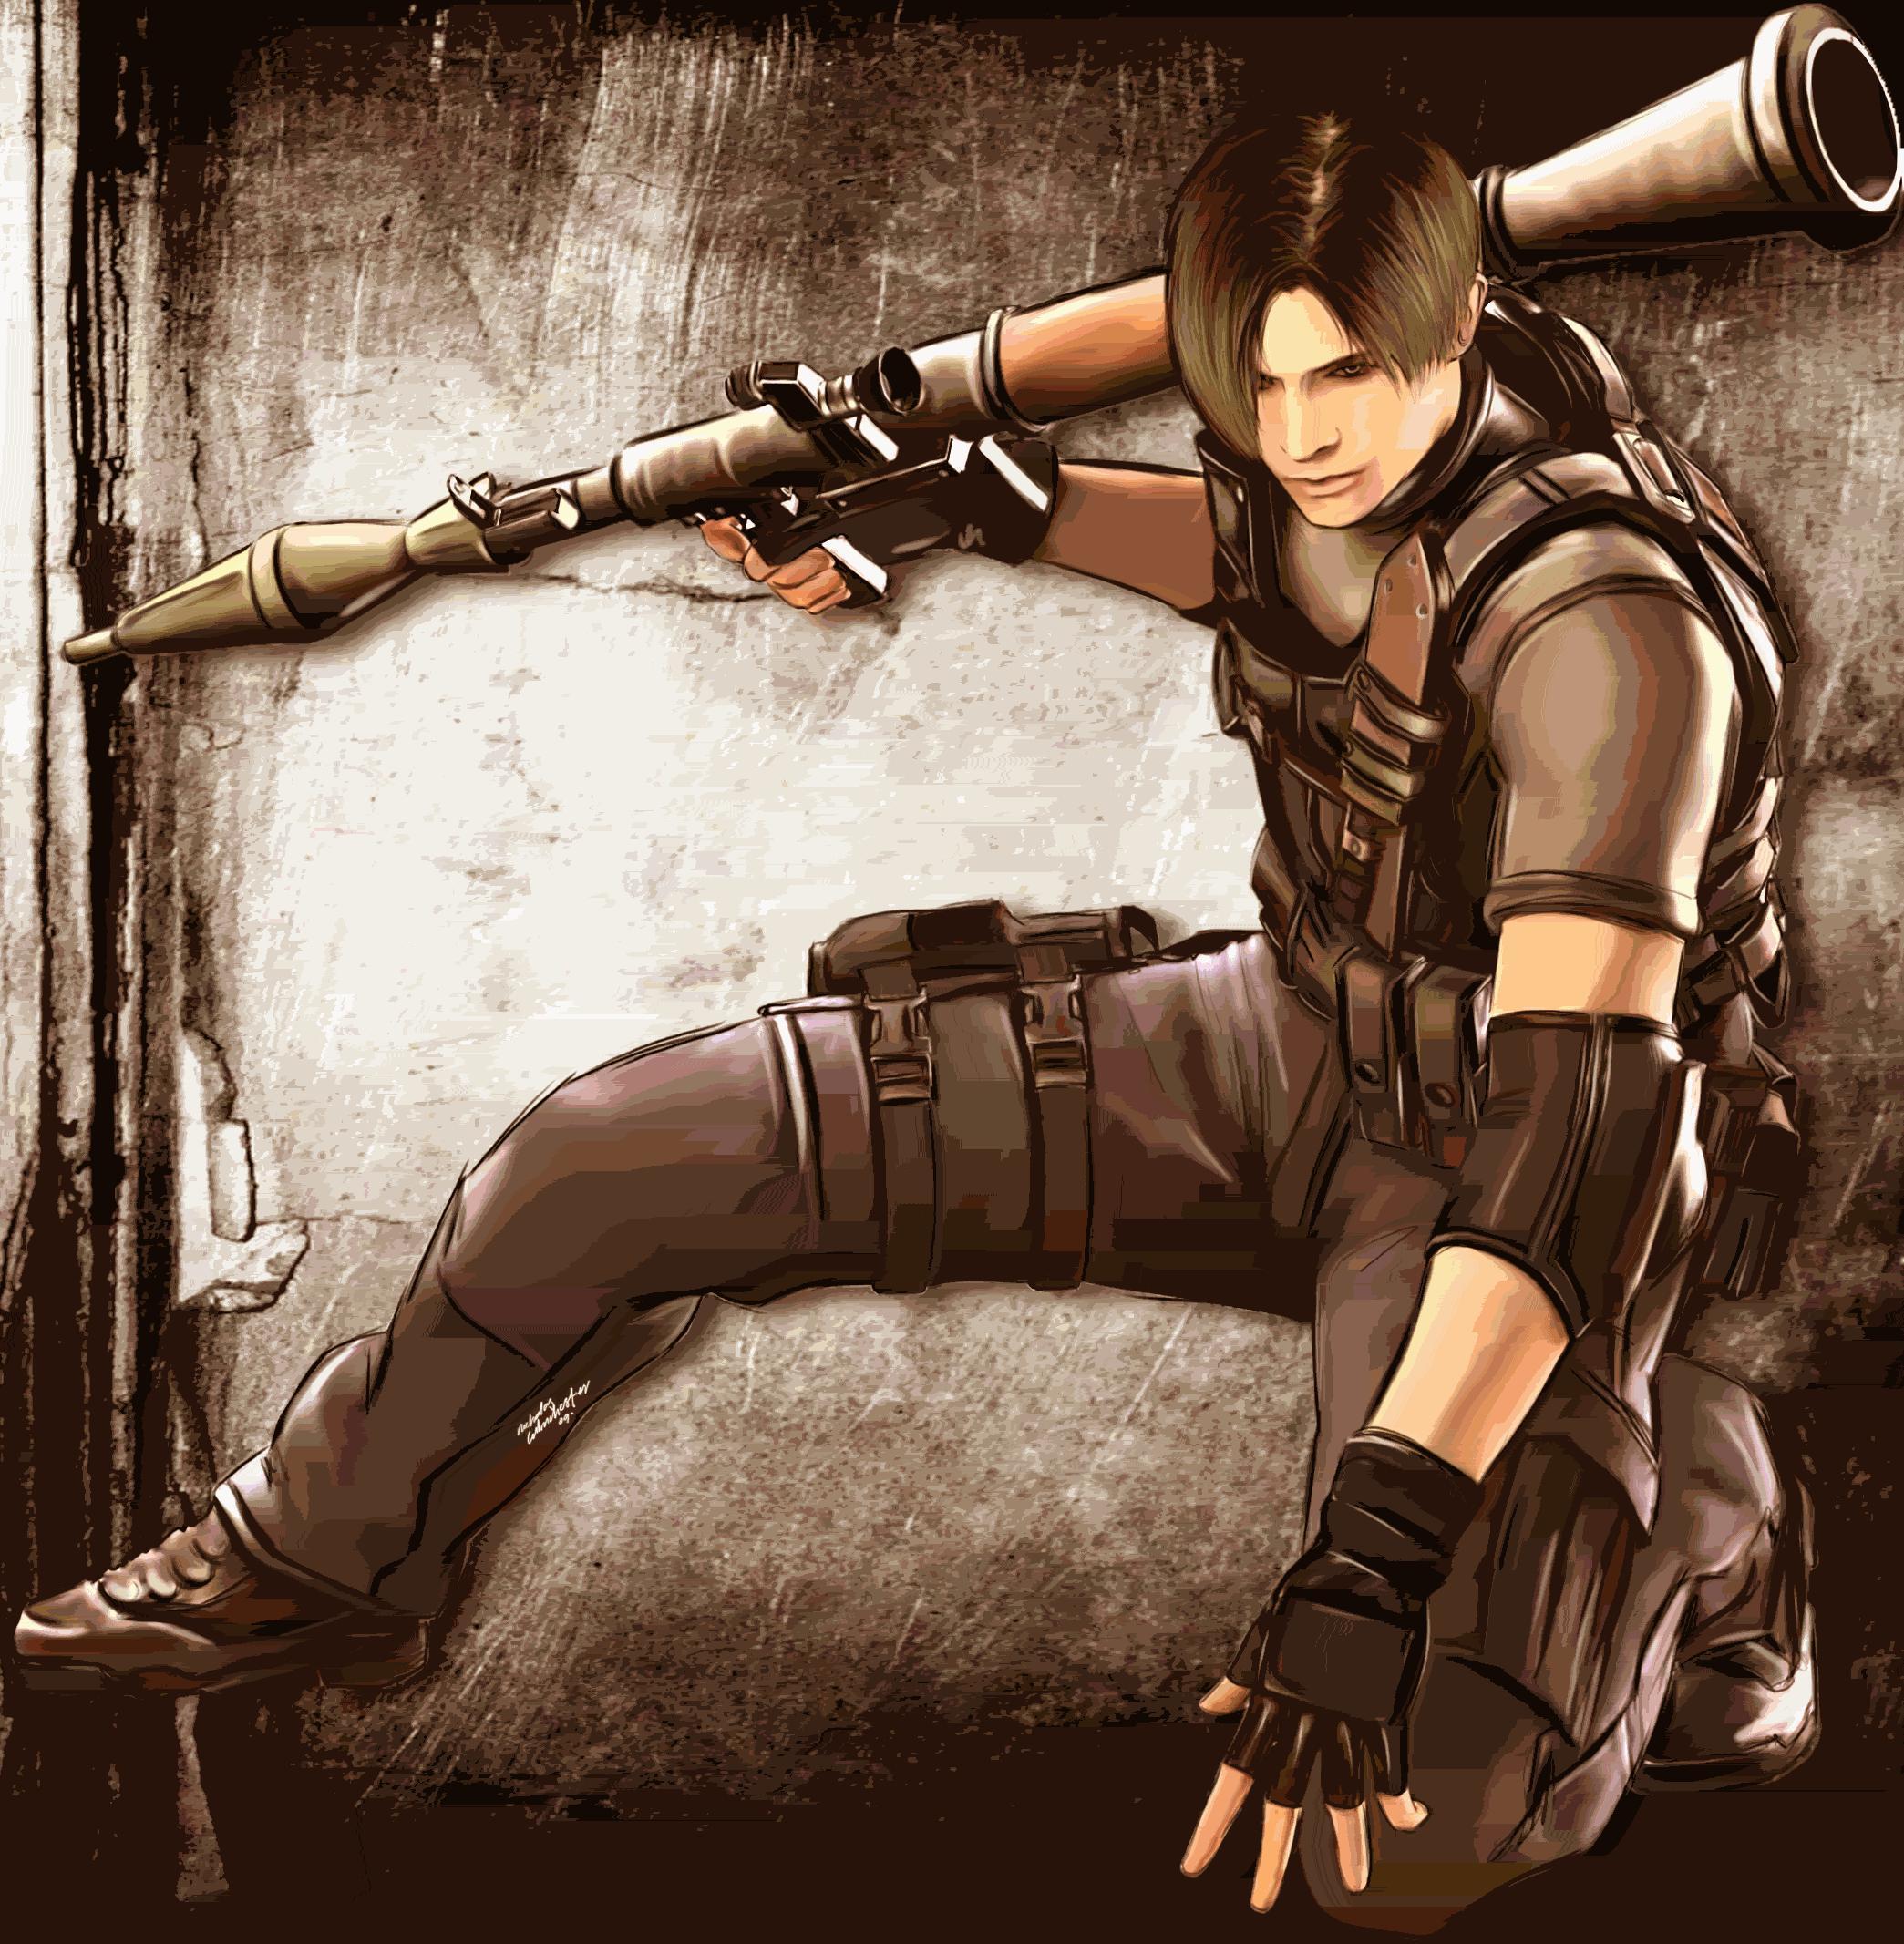 Leon Resident Evil 4 Fan Art 35806401 Fanpop